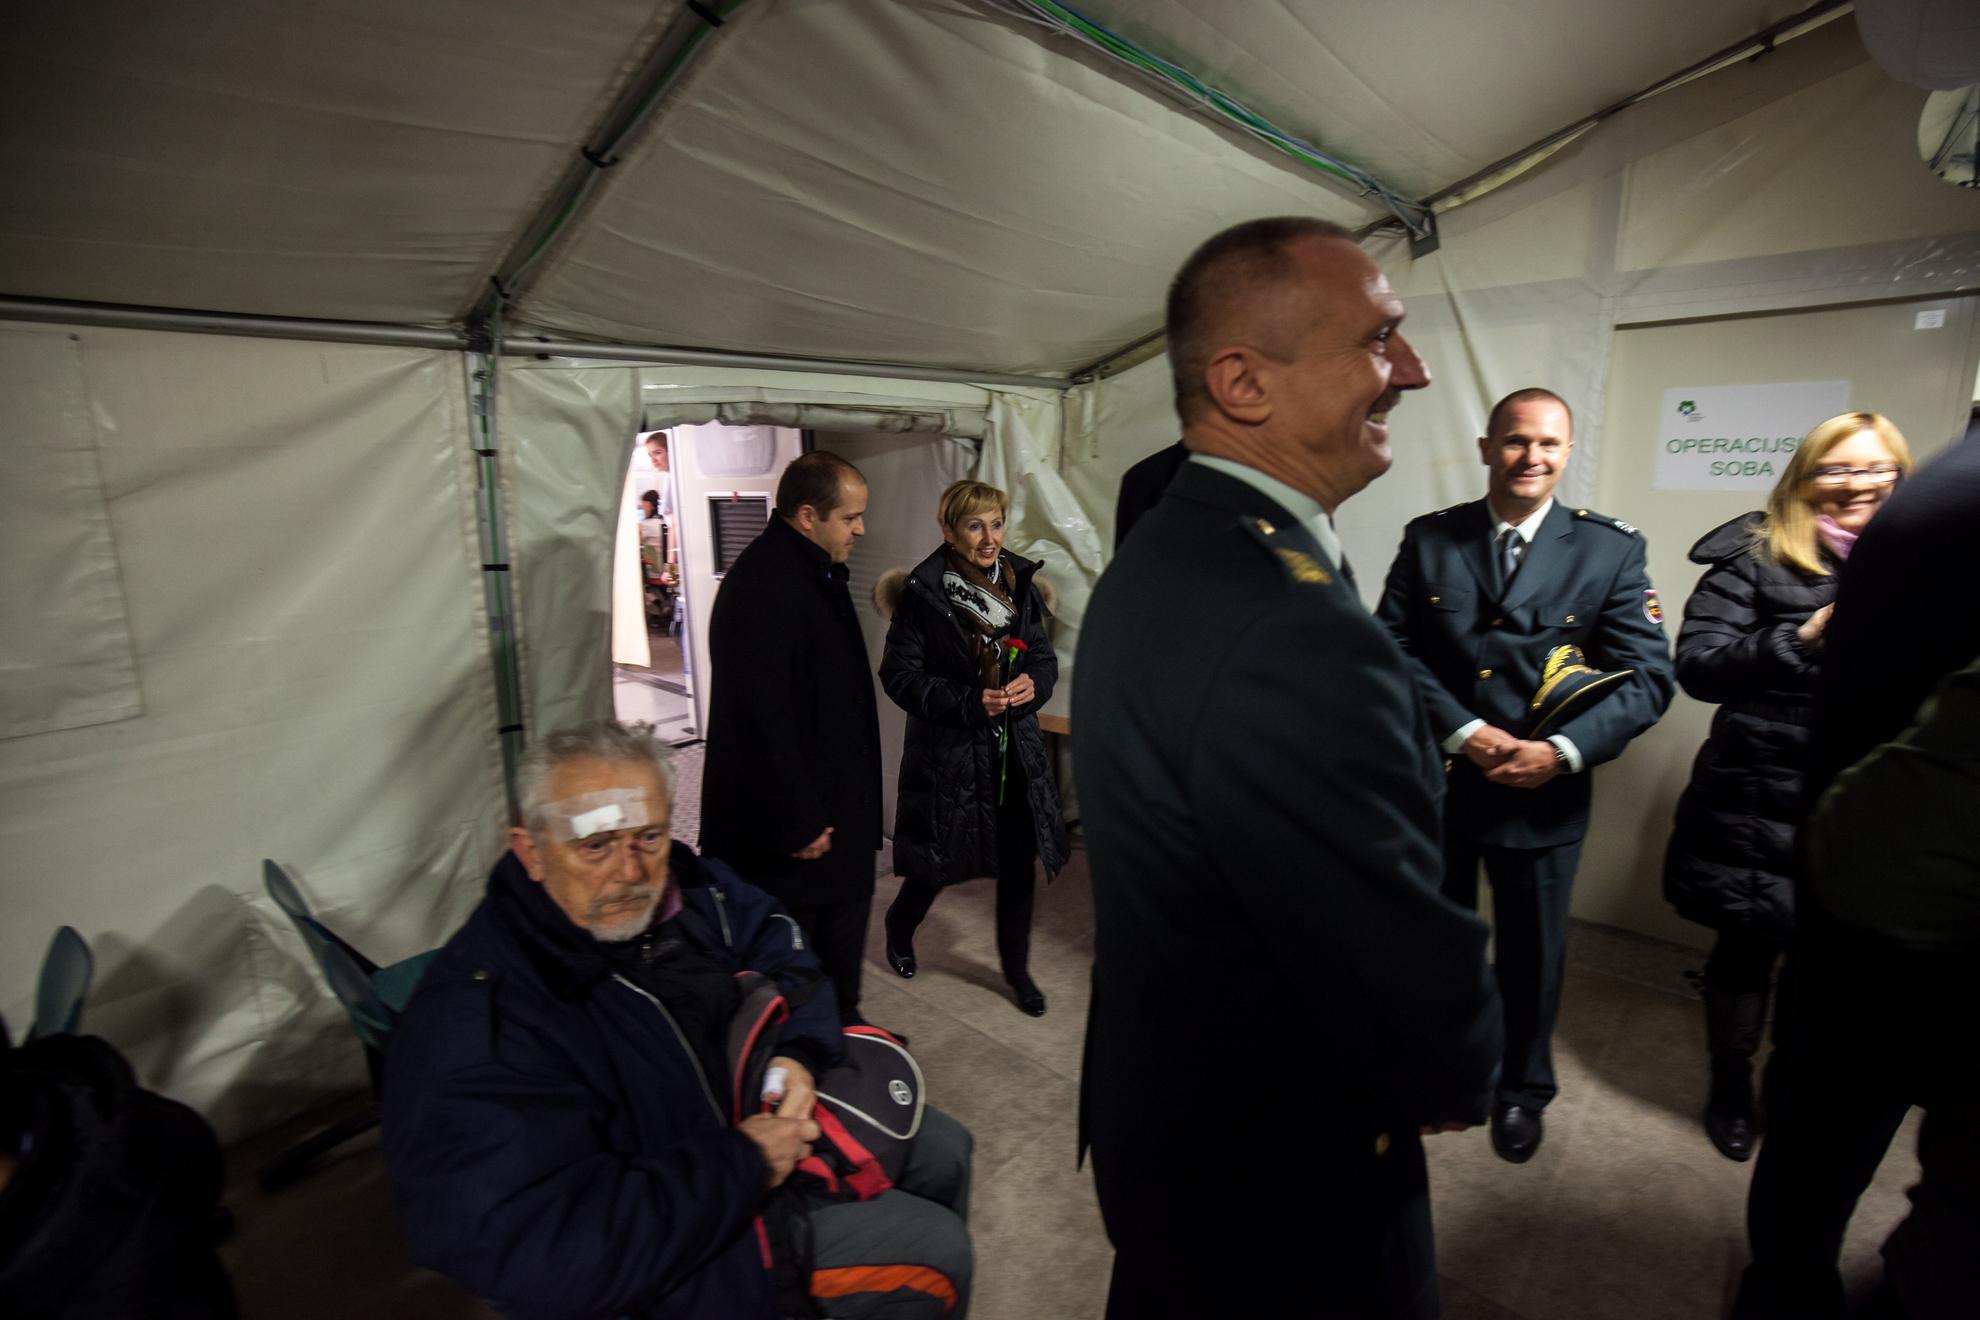 Ministrica Milojka Kolar Celarc na otvoritvi Urgentnega centra na Jesenicah. Ministrica na ogledu začasne vojaške bolnišnice na Jesenicah.